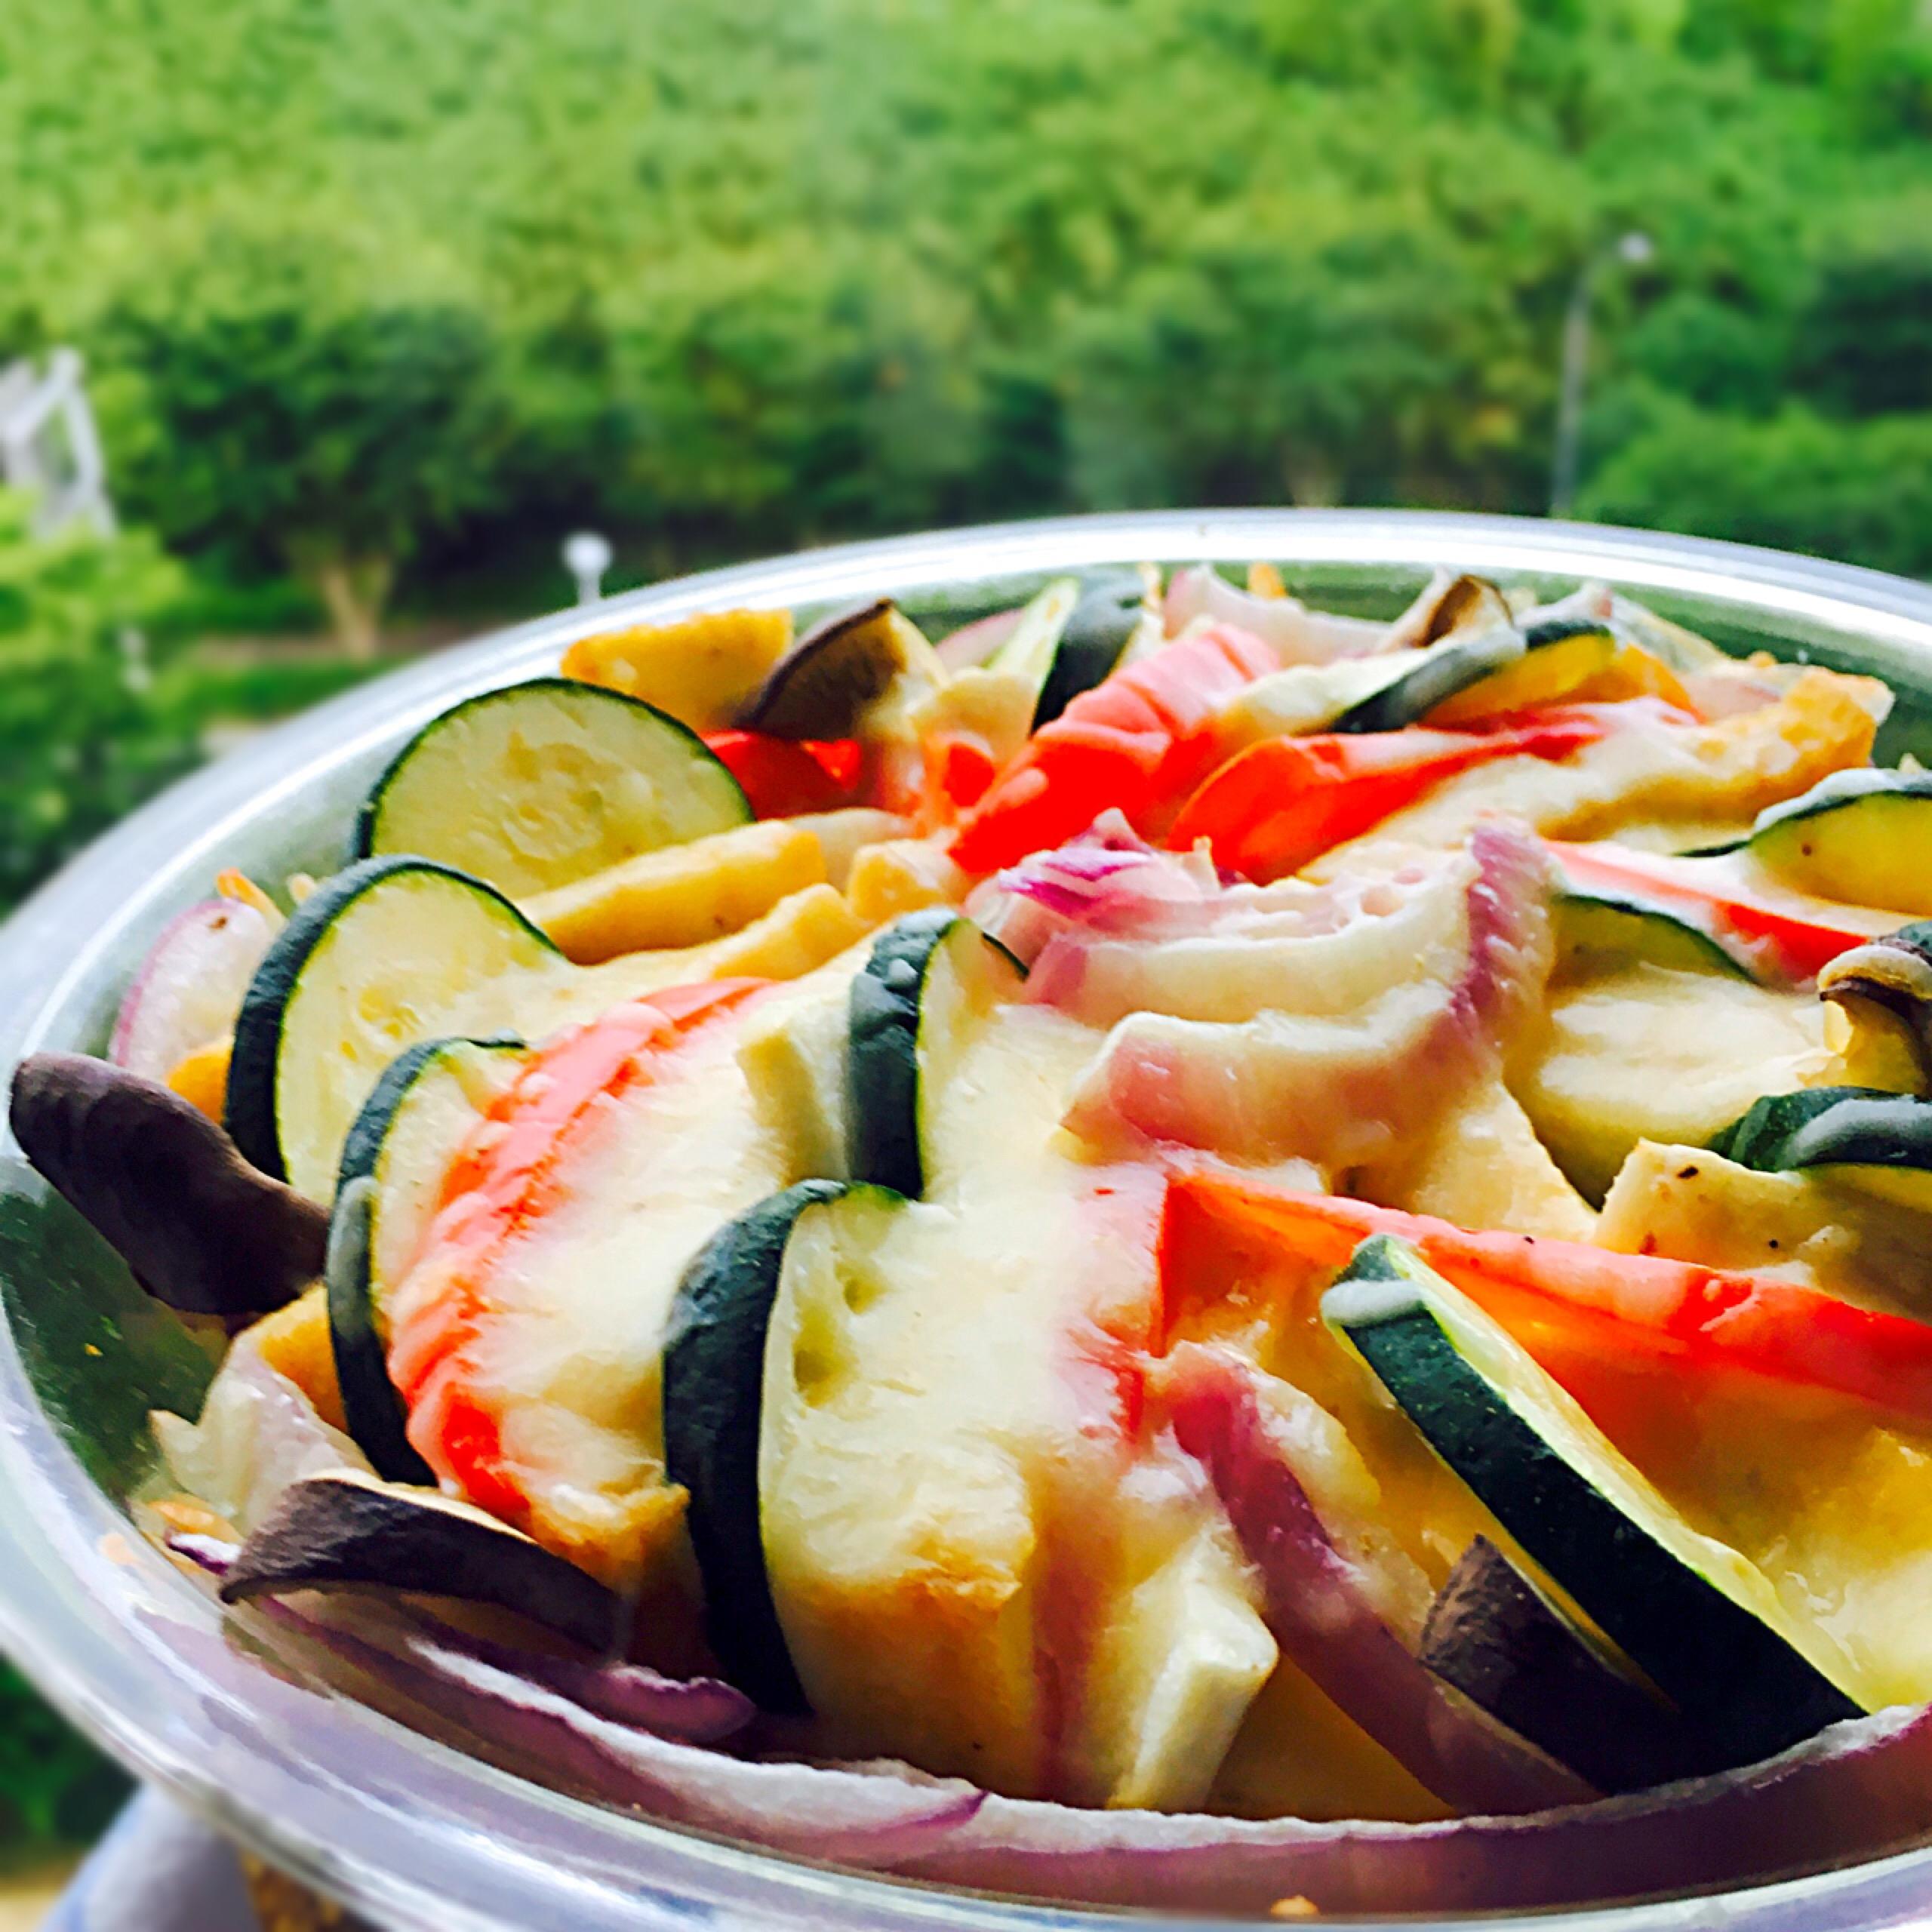 絹揚げと色どり野菜のチーズ焼き